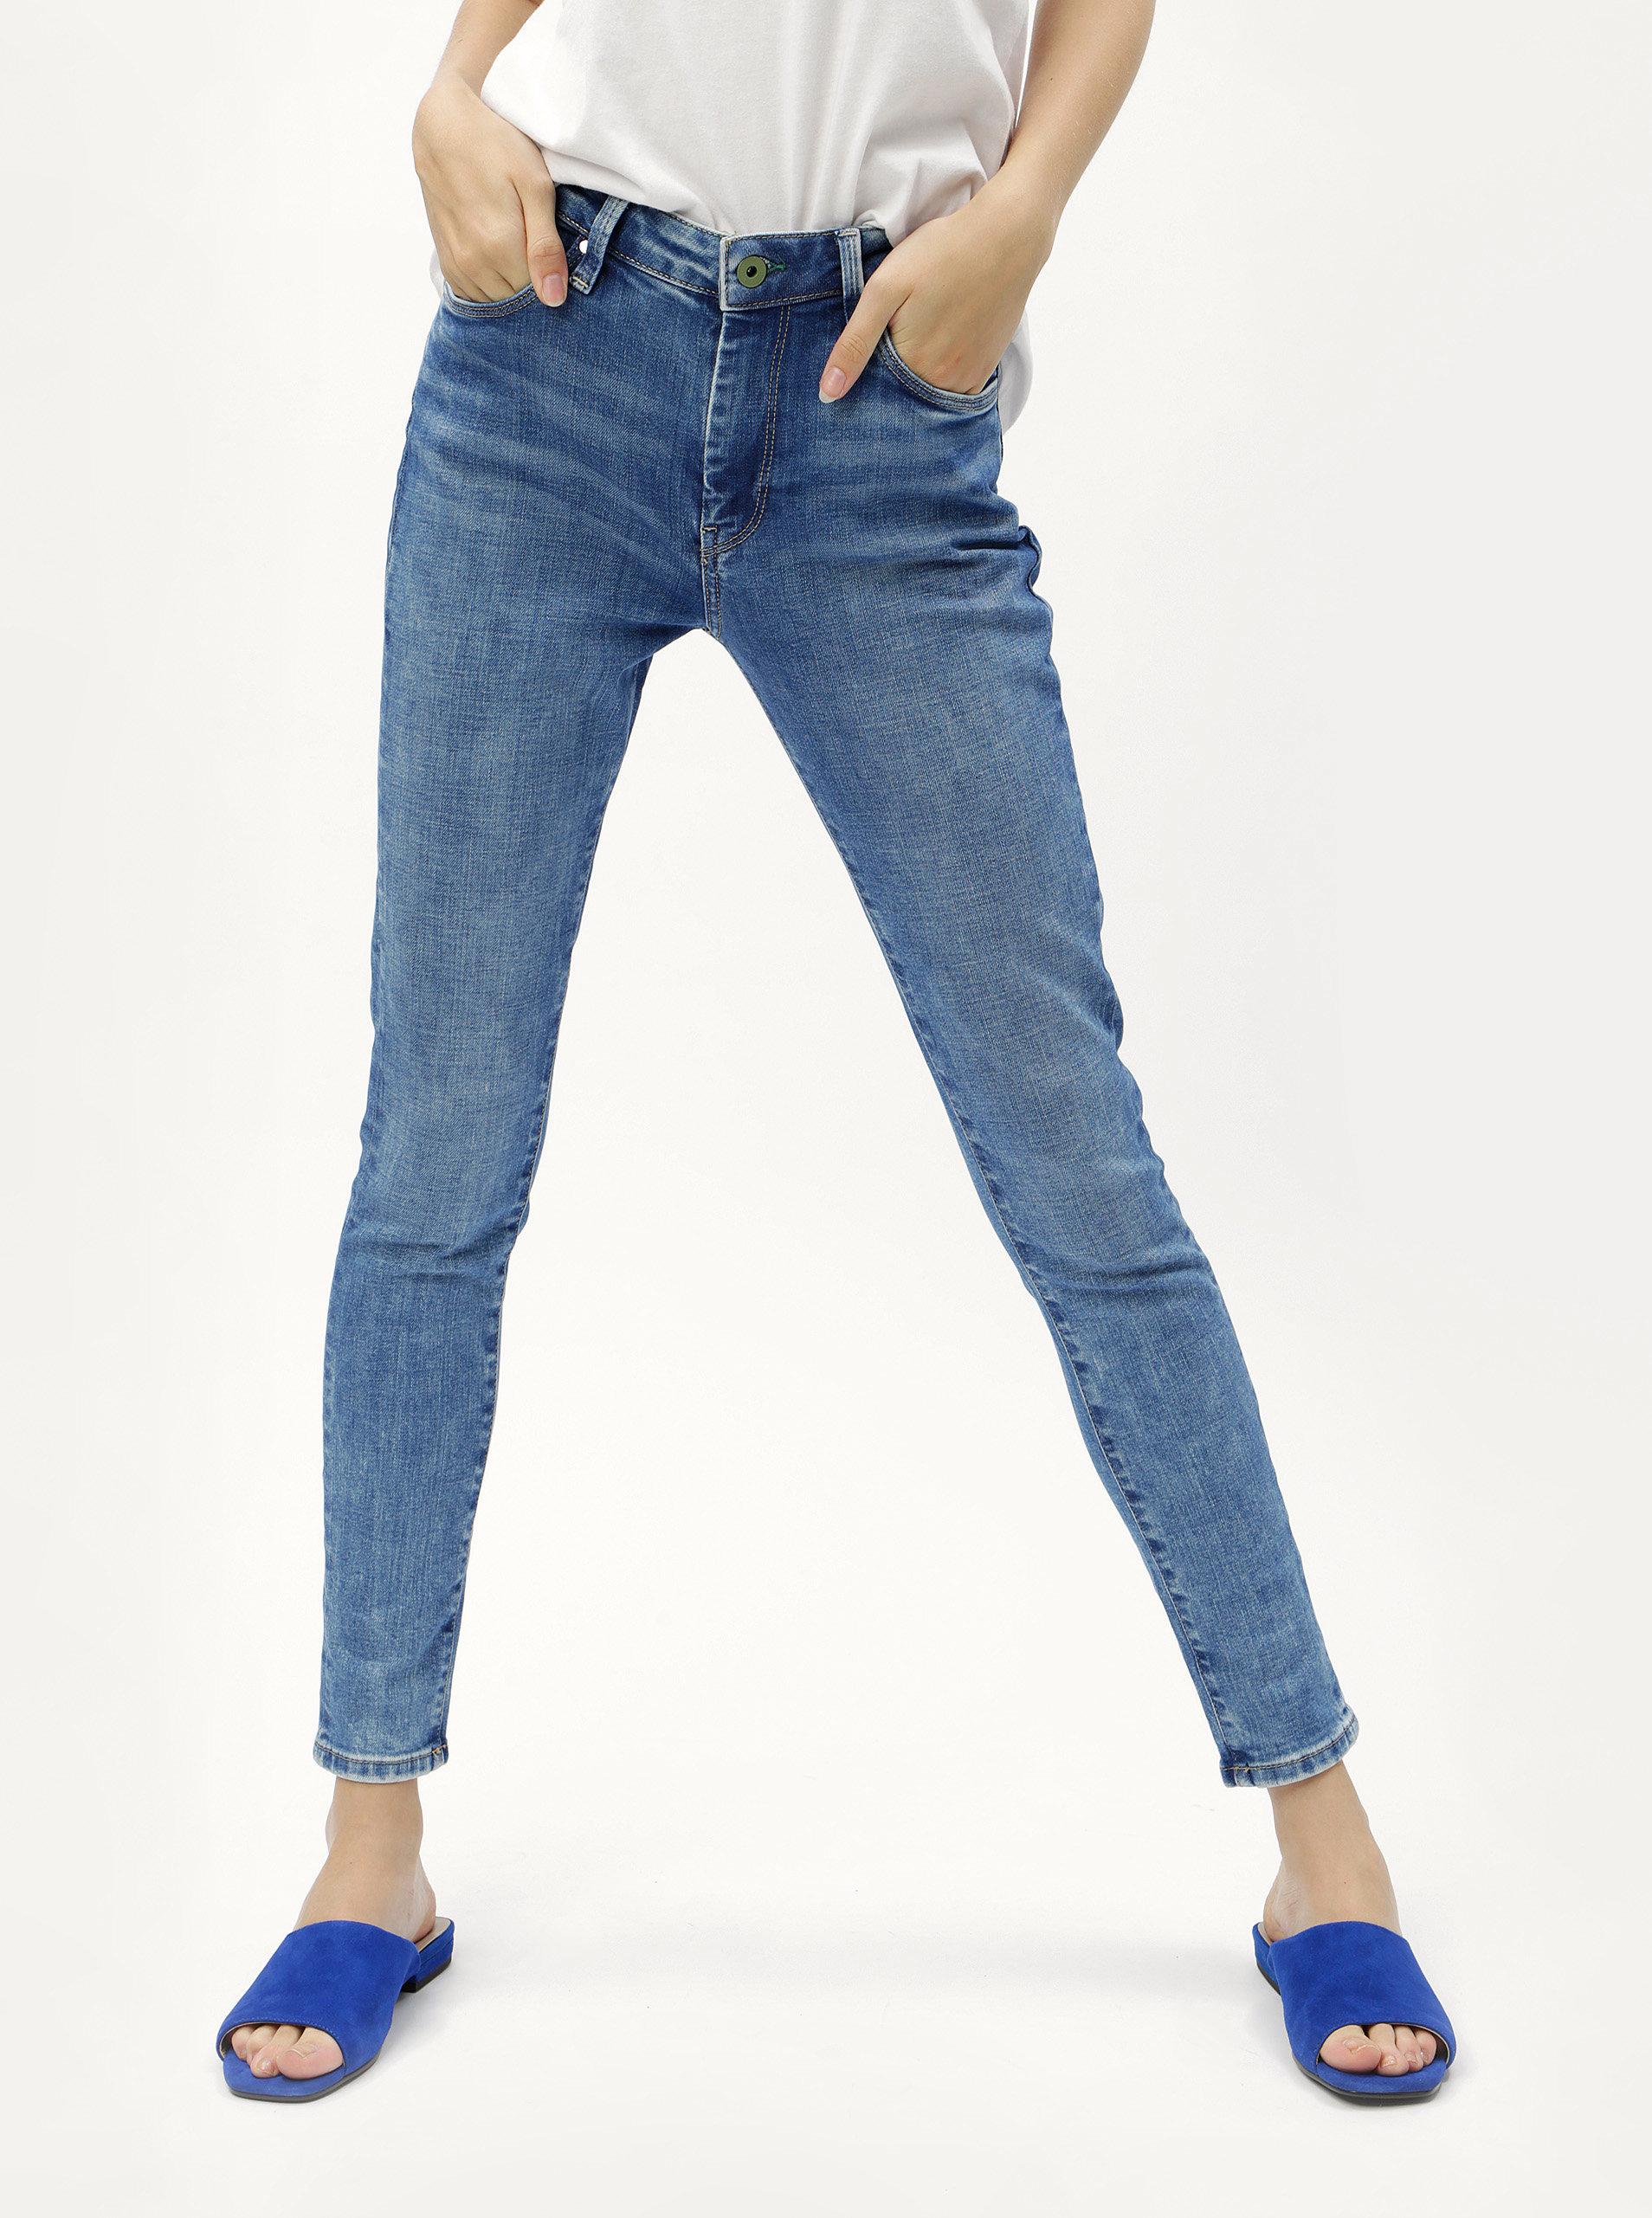 9378578acf4 Modré dámské skinny džíny s vysokým pasem džíny Pepe Jeans Regent ...